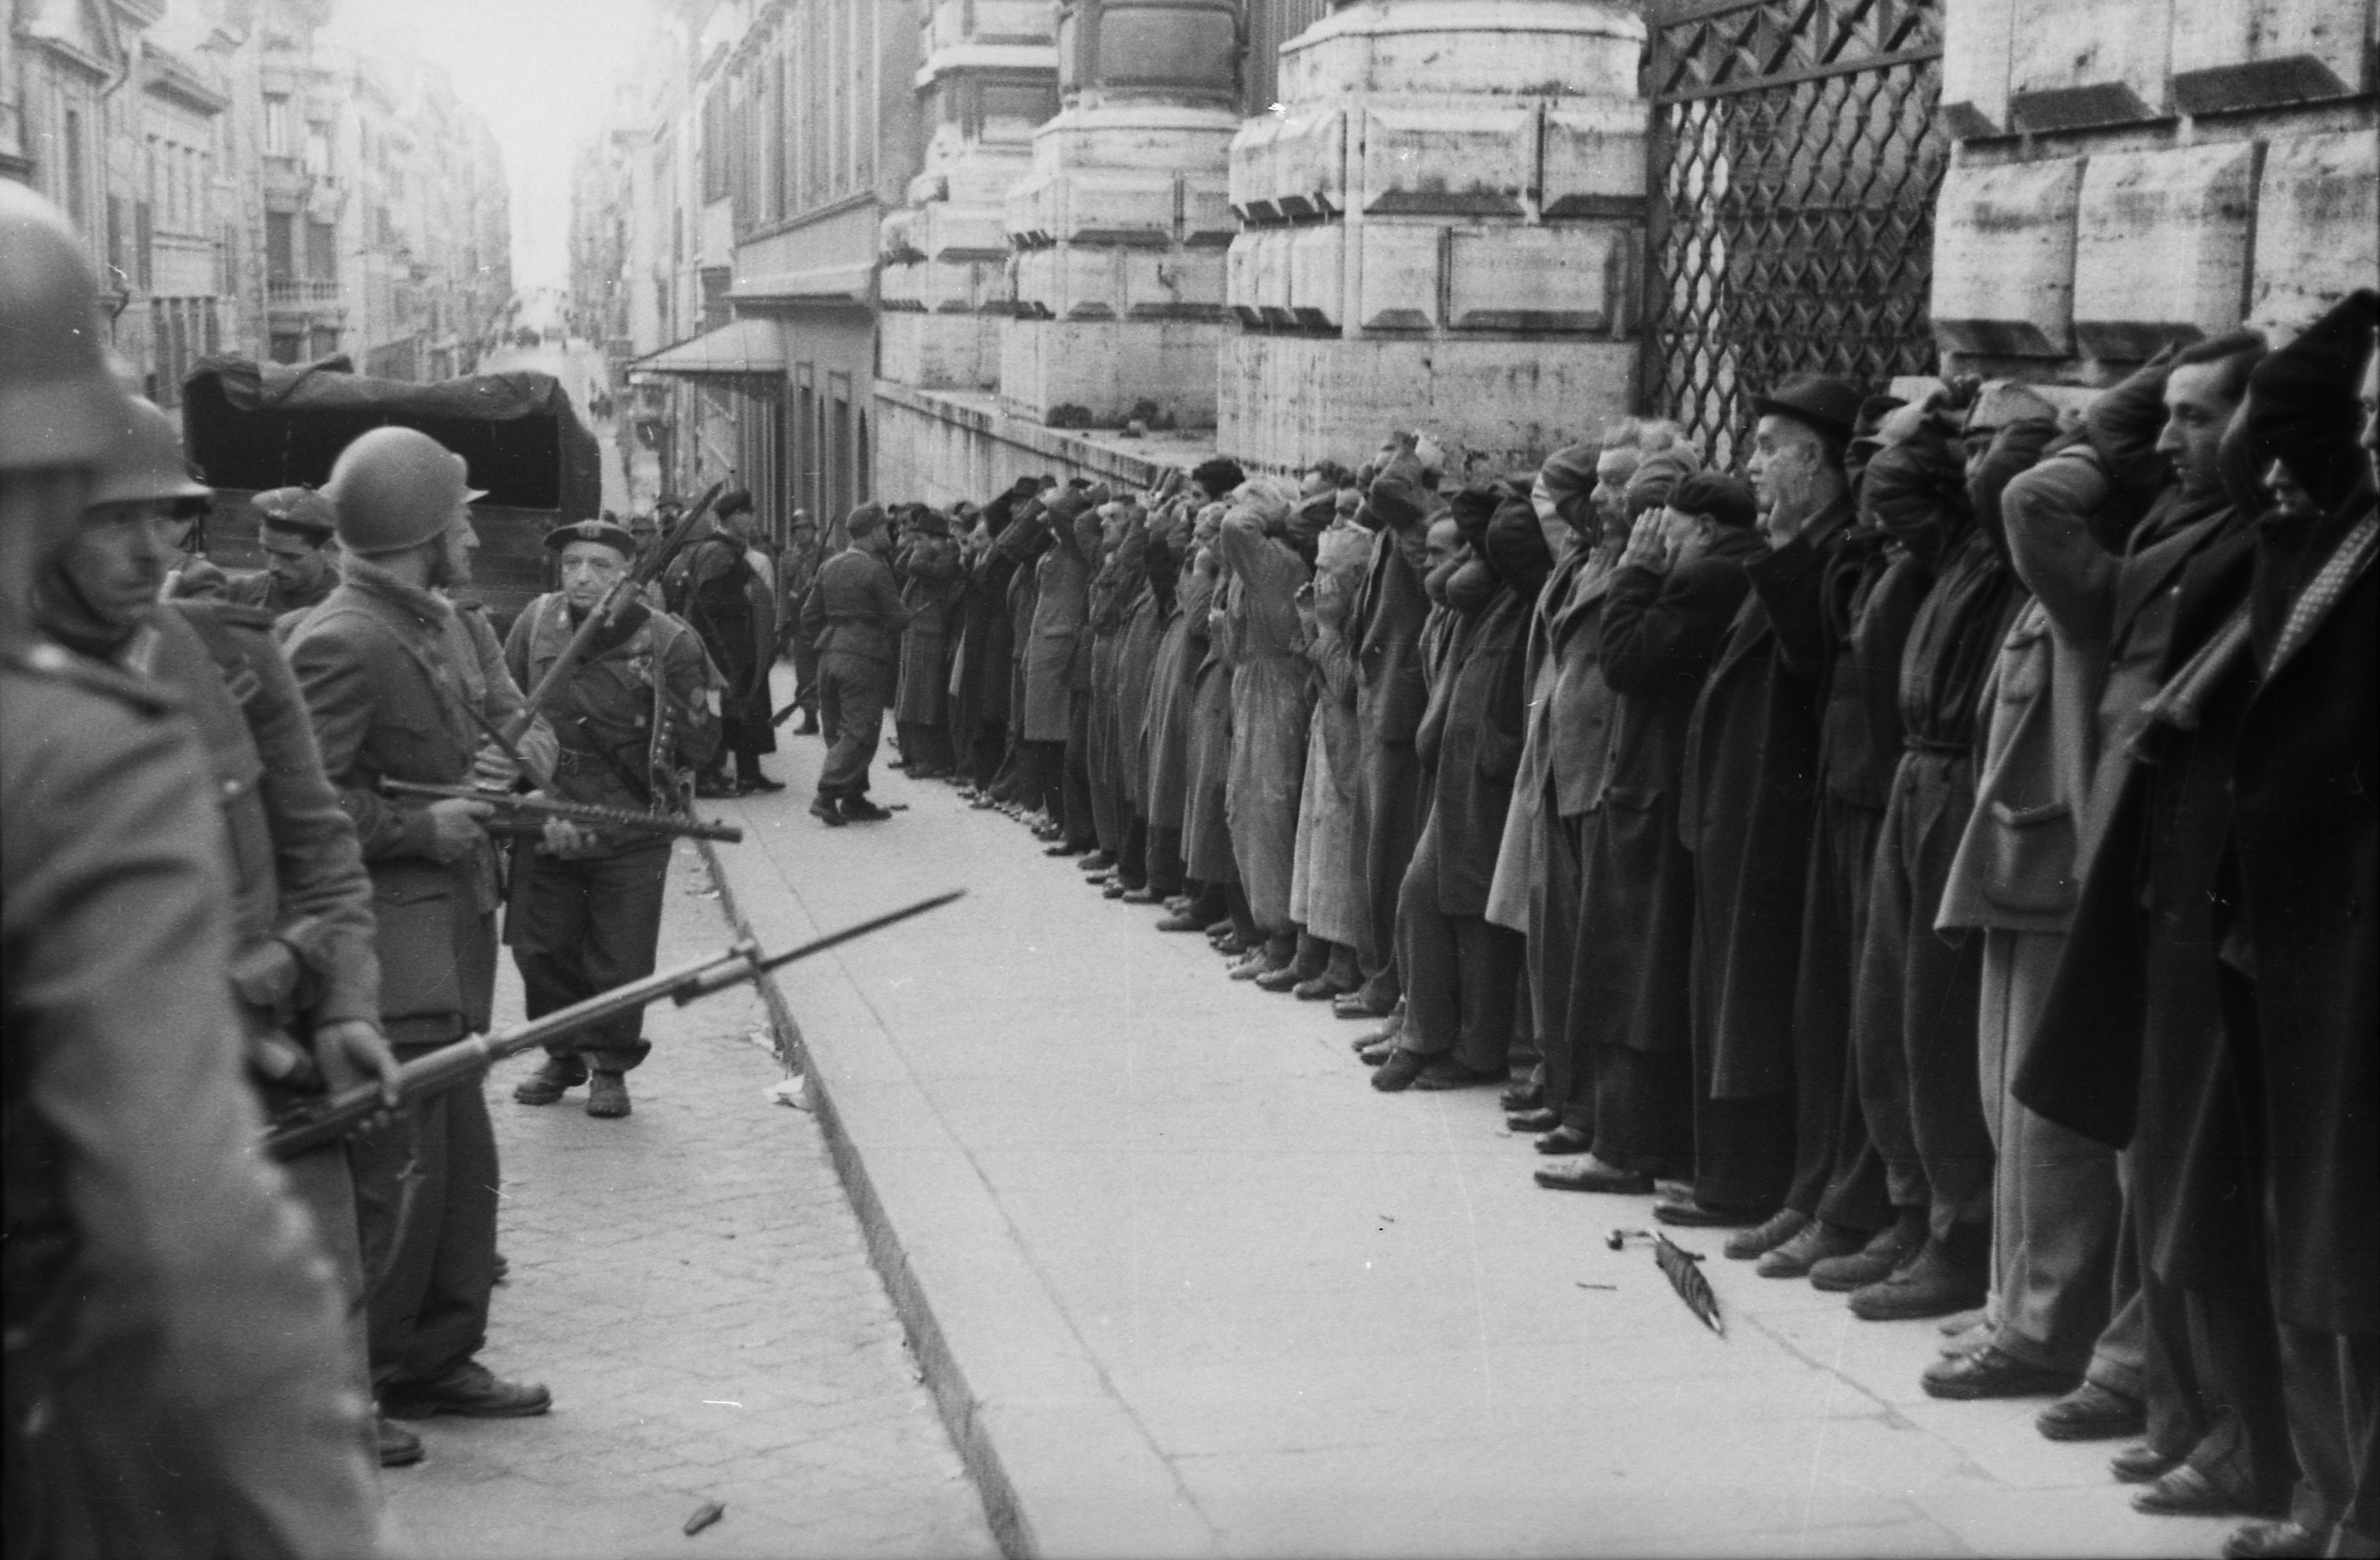 Festnahme von Zivilisten durch deutsche Soldaten in Rom 1944